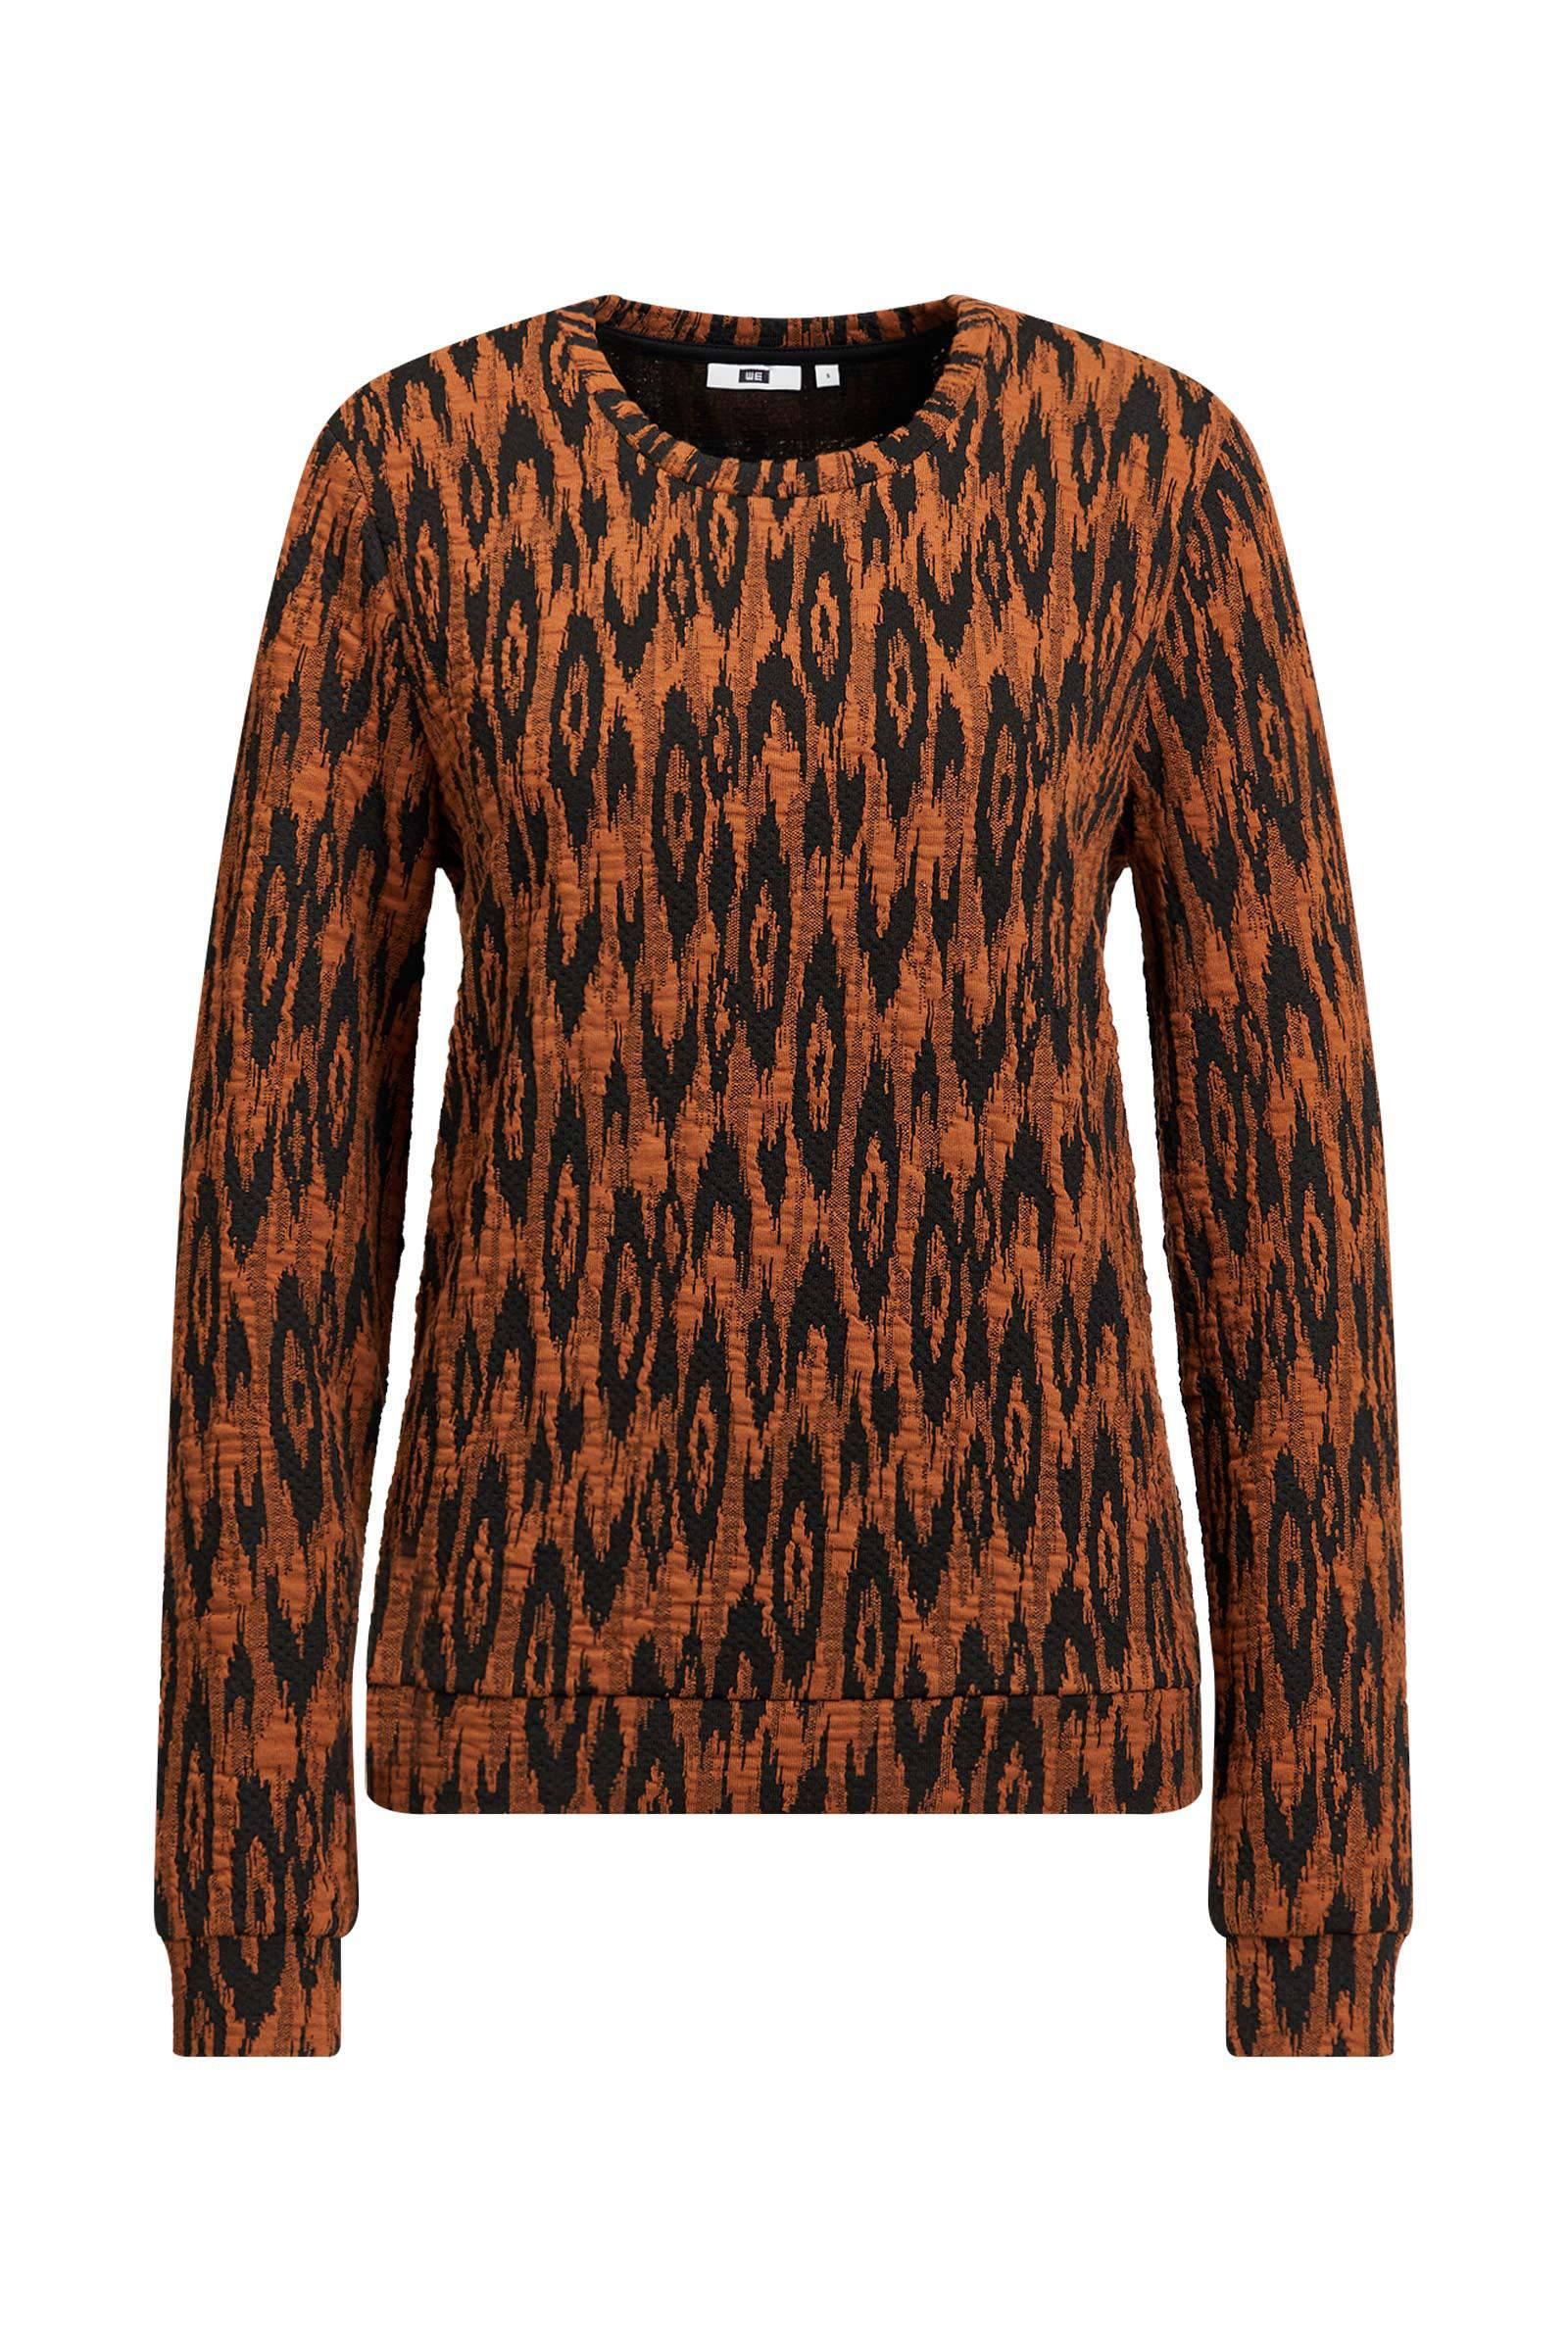 Dierenprint sweaters kopen?   BESLIST.nl   Nieuwe collectie